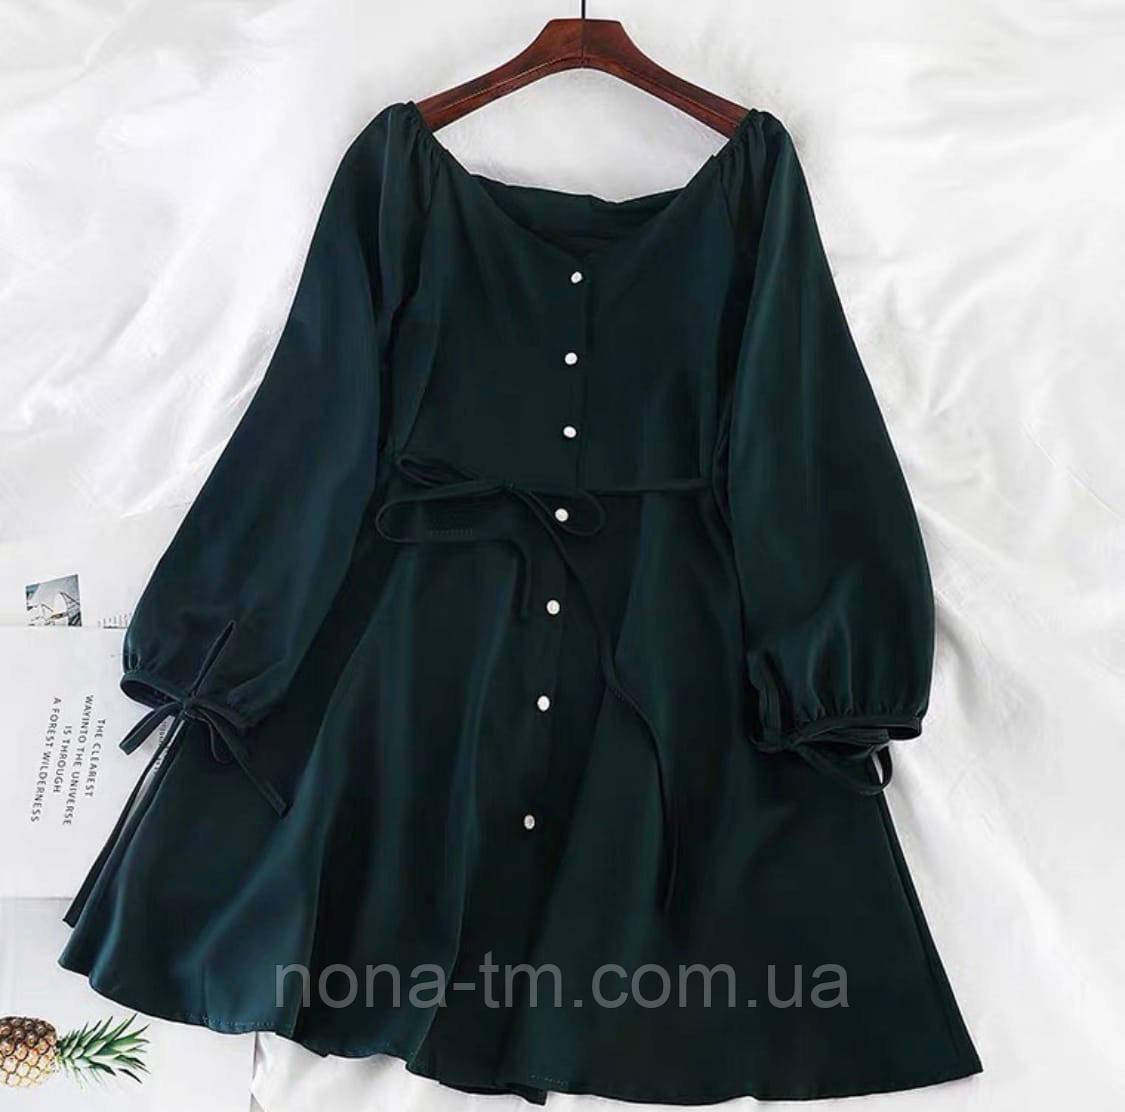 Платье женское свободного кроя с поясом